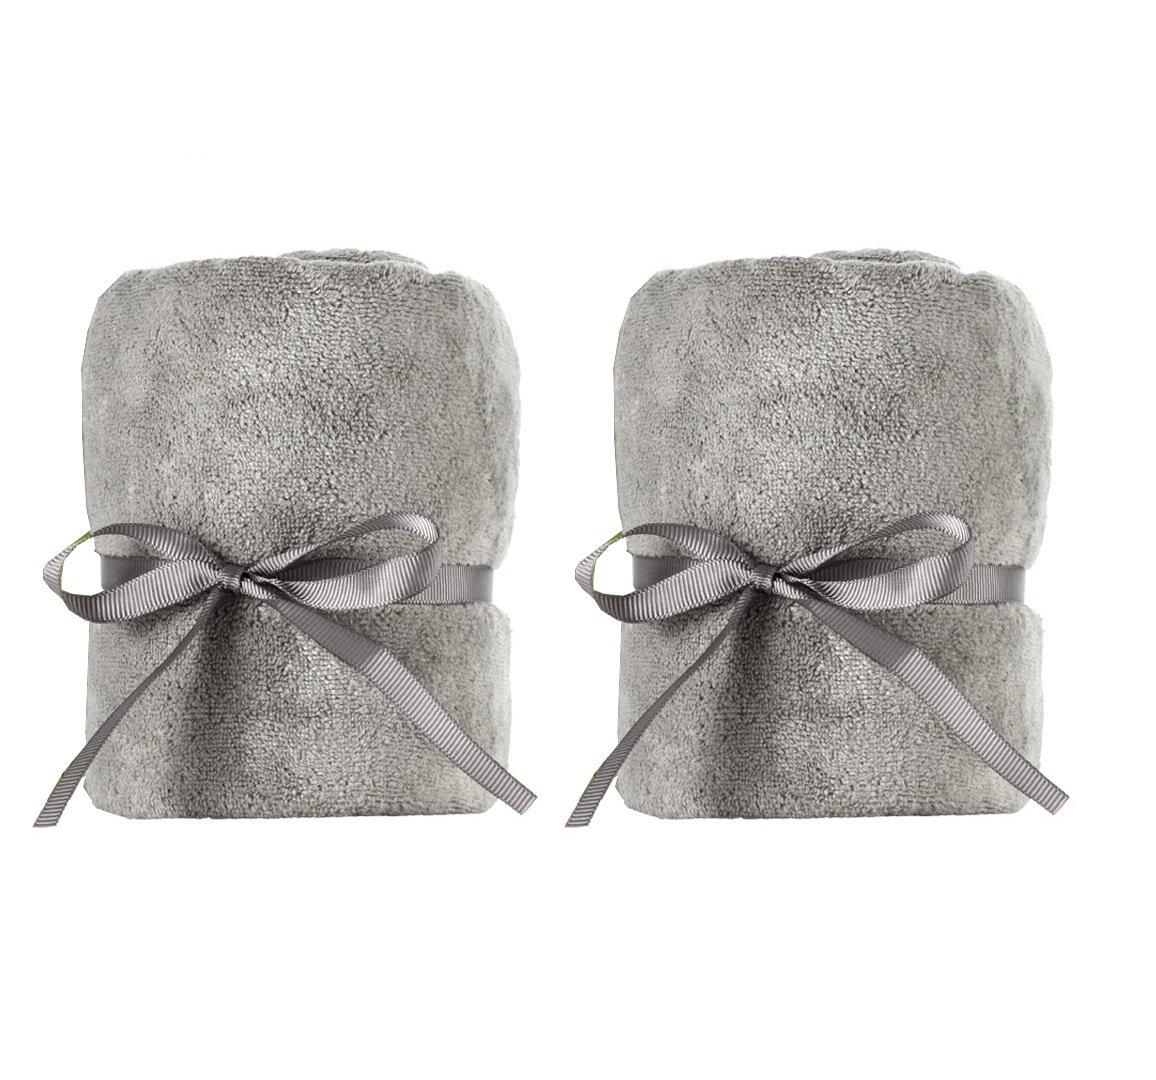 DevaCurl Towel; Microfiber Anti-Frizz Hair Towel; Gray; 2-Pack by DevaCurl (Image #1)